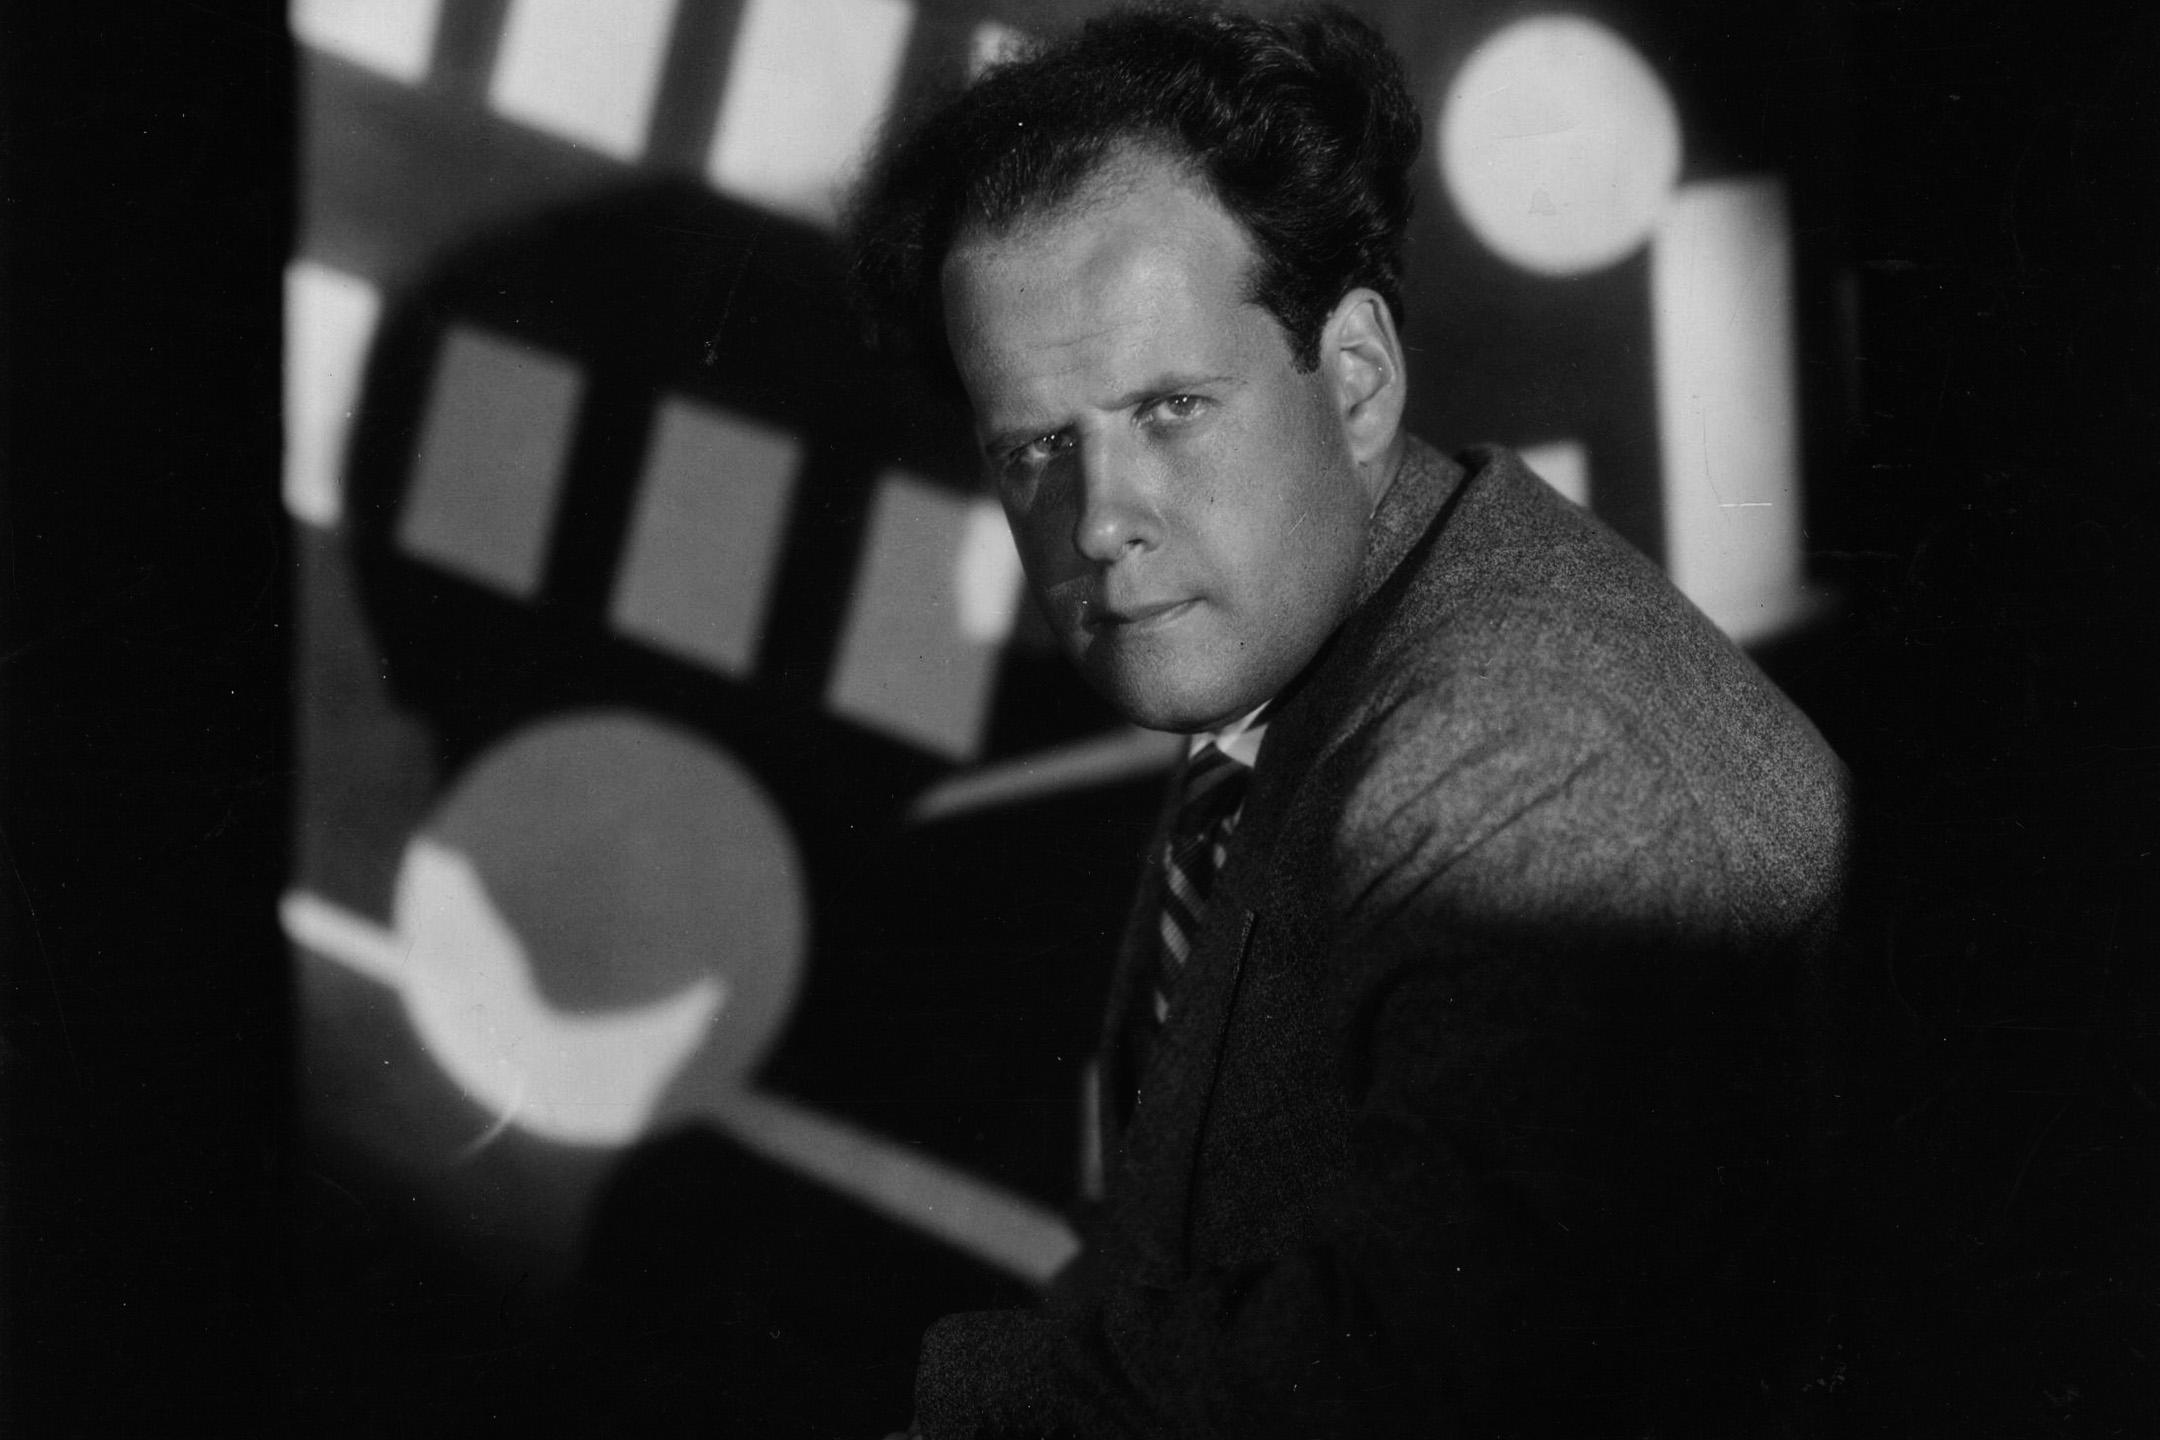 電影導演愛森斯坦。  圖:Hulton Archive/Getty Images